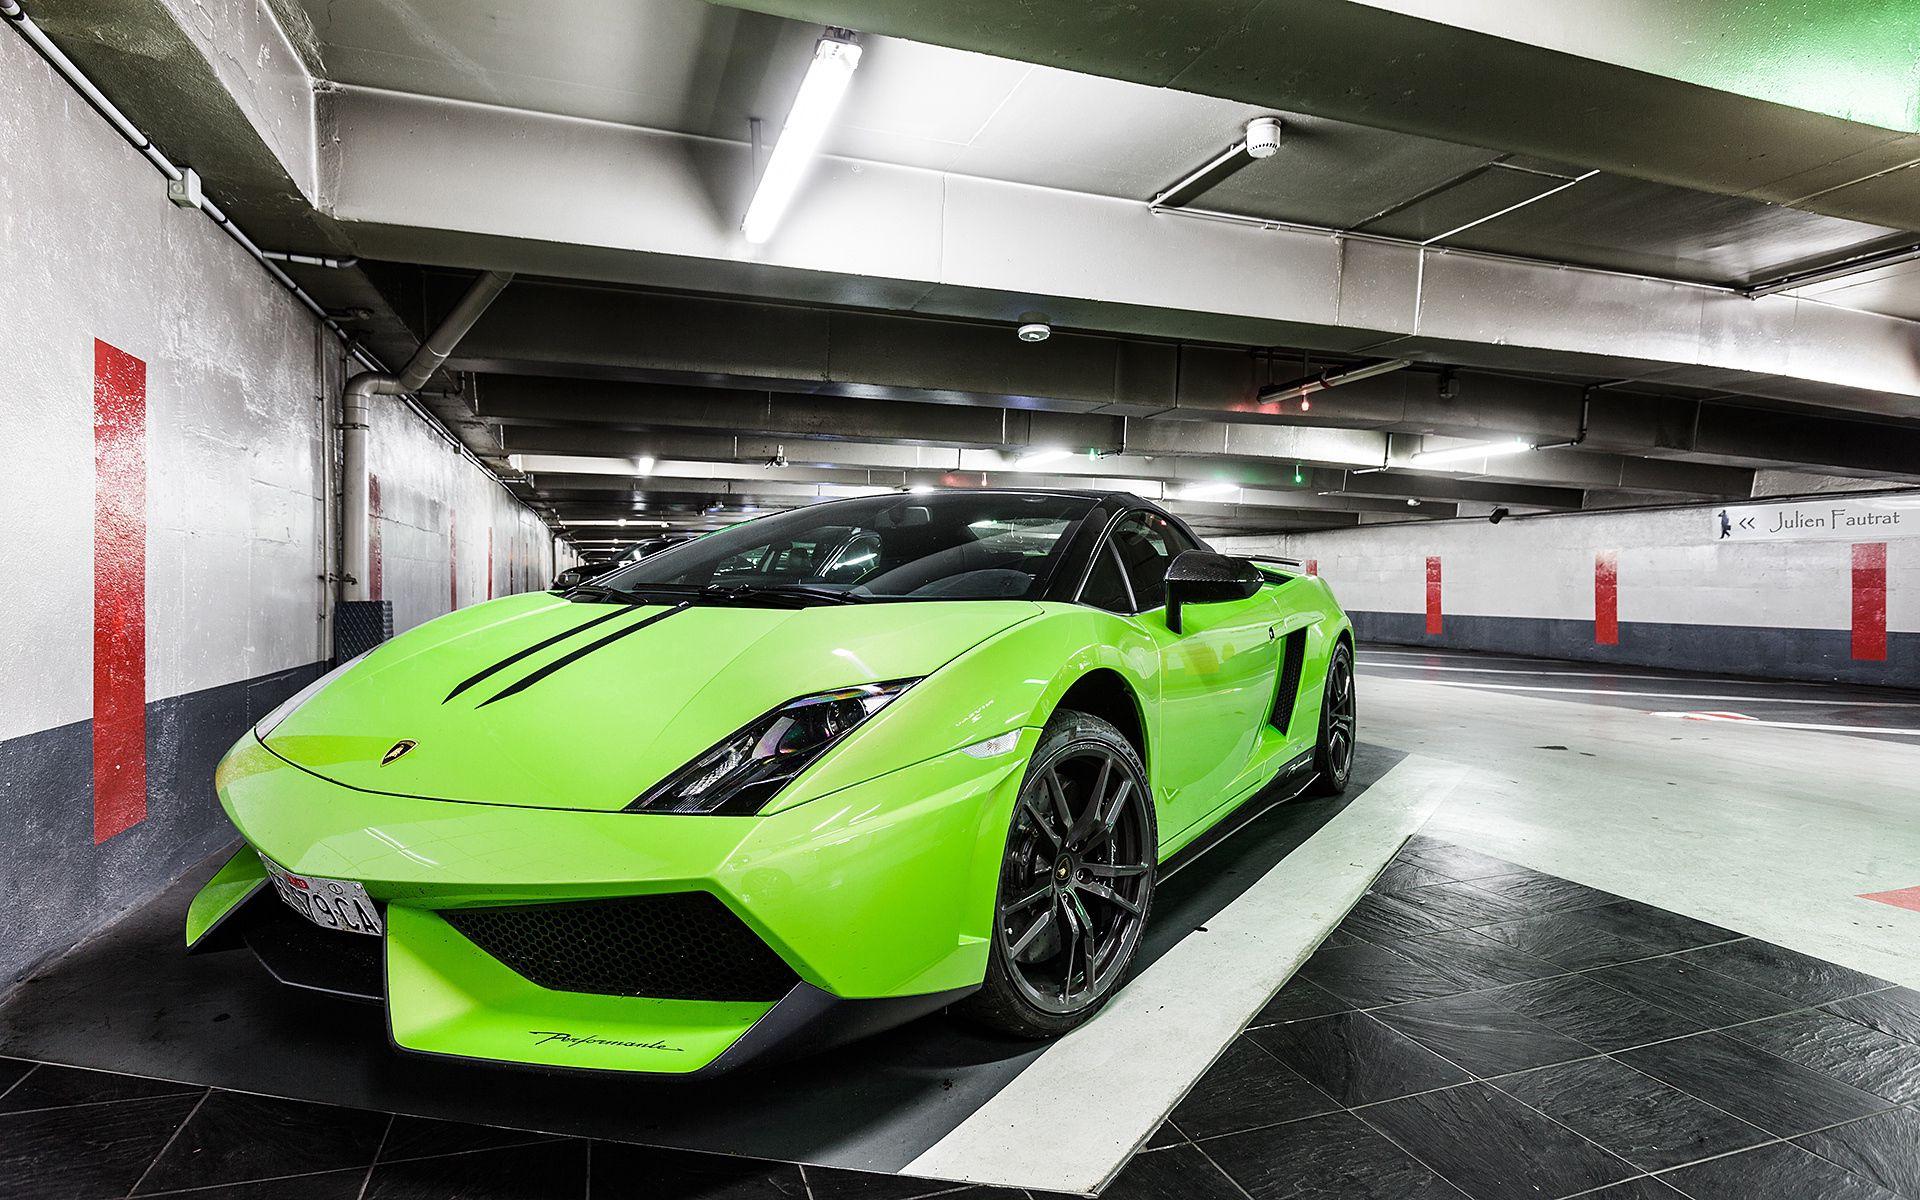 101671 скачать обои Тачки (Cars), Performante, Gallardo, Spyder, Ламборджини (Lamborghini), Lp570-4, Машины - заставки и картинки бесплатно